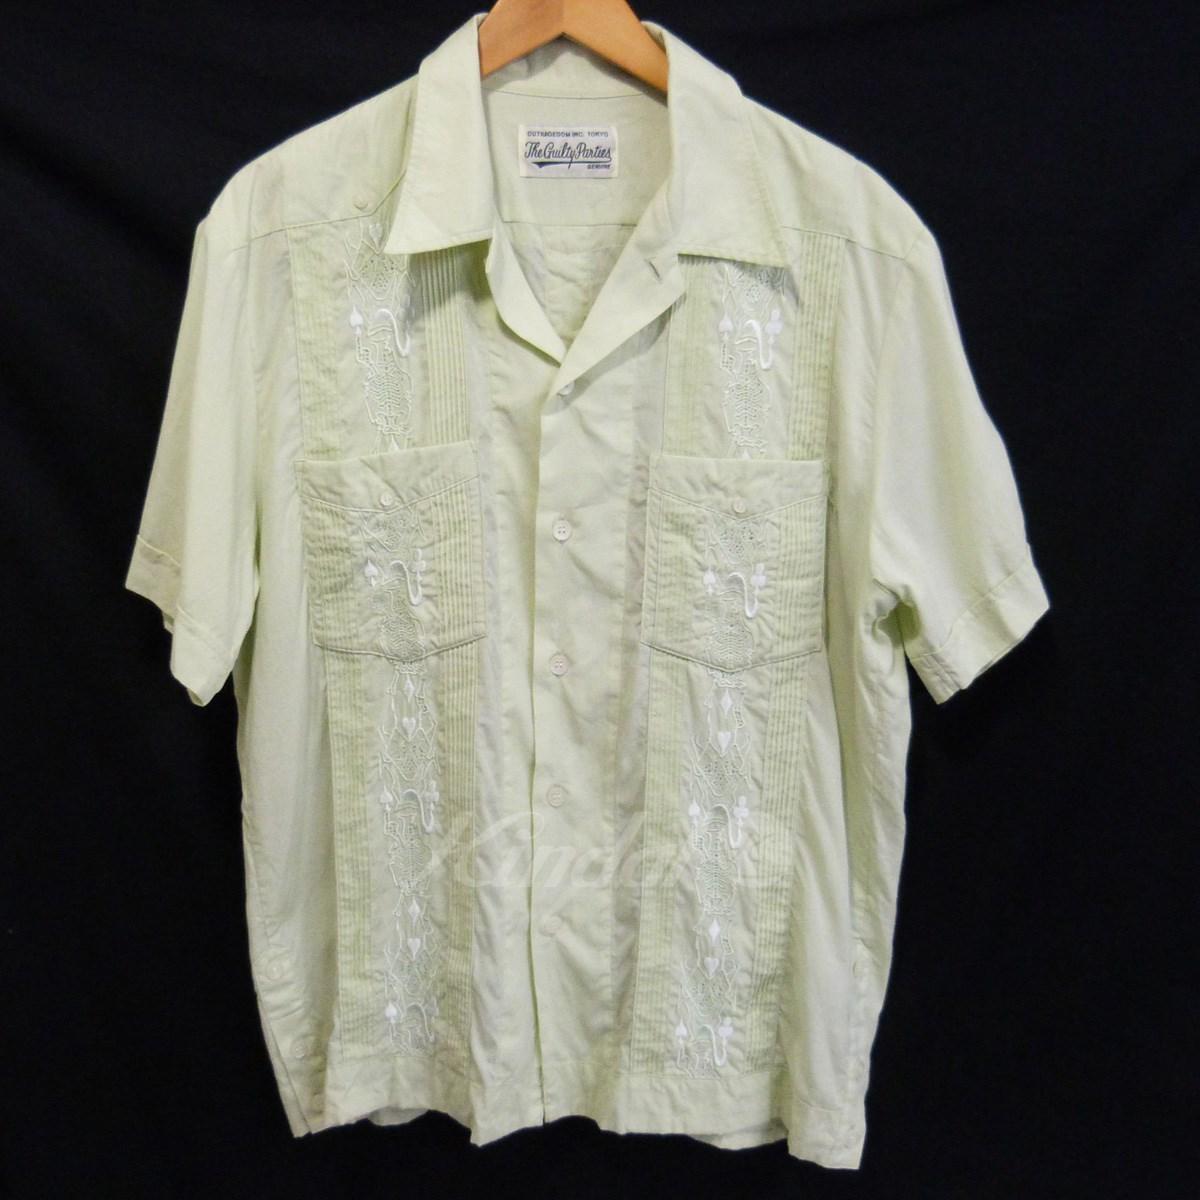 【中古】WACKO MARIA × WOLF'S HEAD キューバシャツ ペールグリーン サイズ:XL 【送料無料】 【100718】(ワコマリア×ウルフズヘッド)